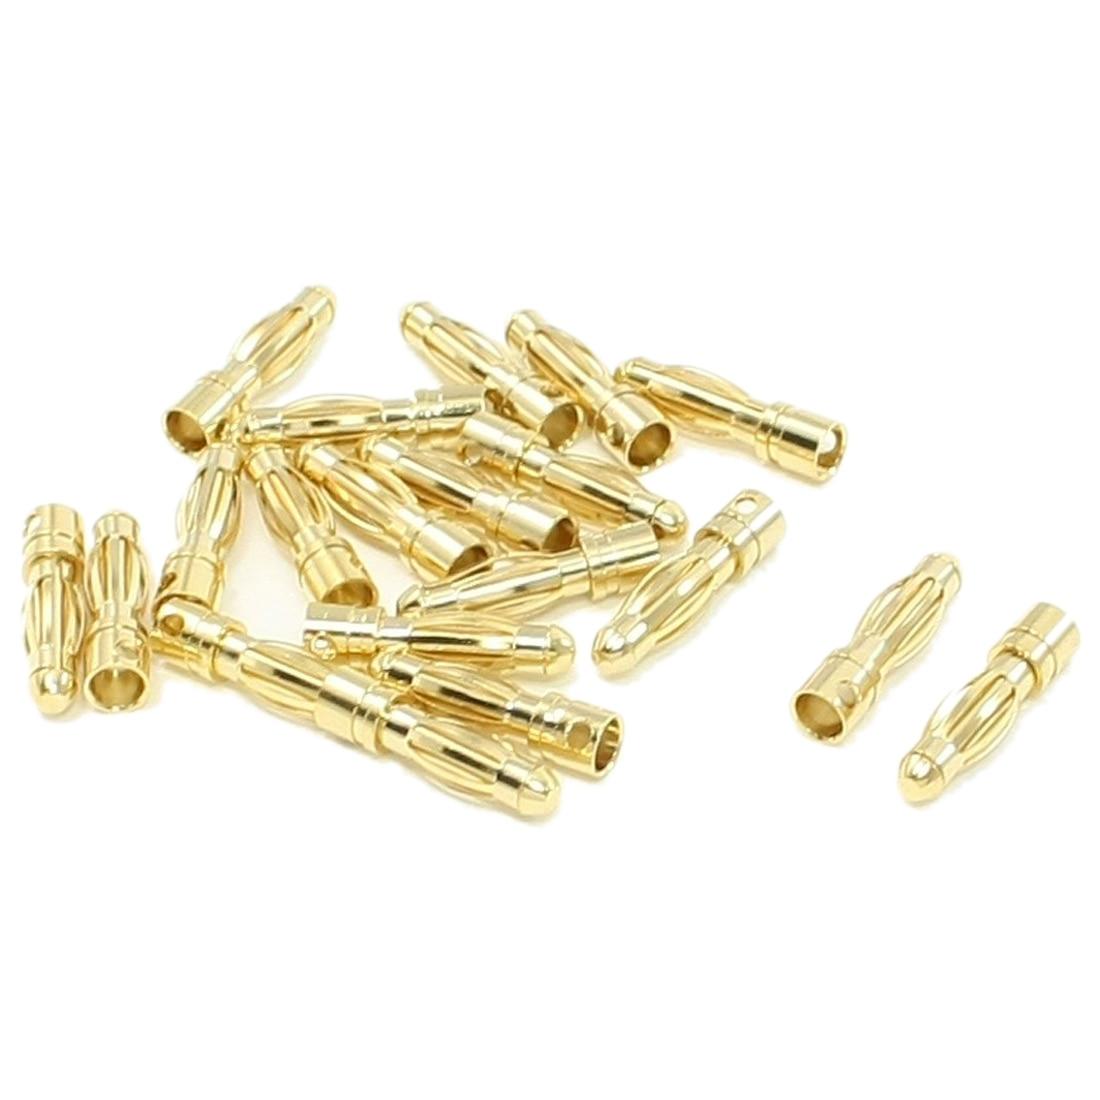 Promosyon! 20 adet RC Model Pil Erkek Muz Bullet Connector Plug 4mmPromosyon! 20 adet RC Model Pil Erkek Muz Bullet Connector Plug 4mm